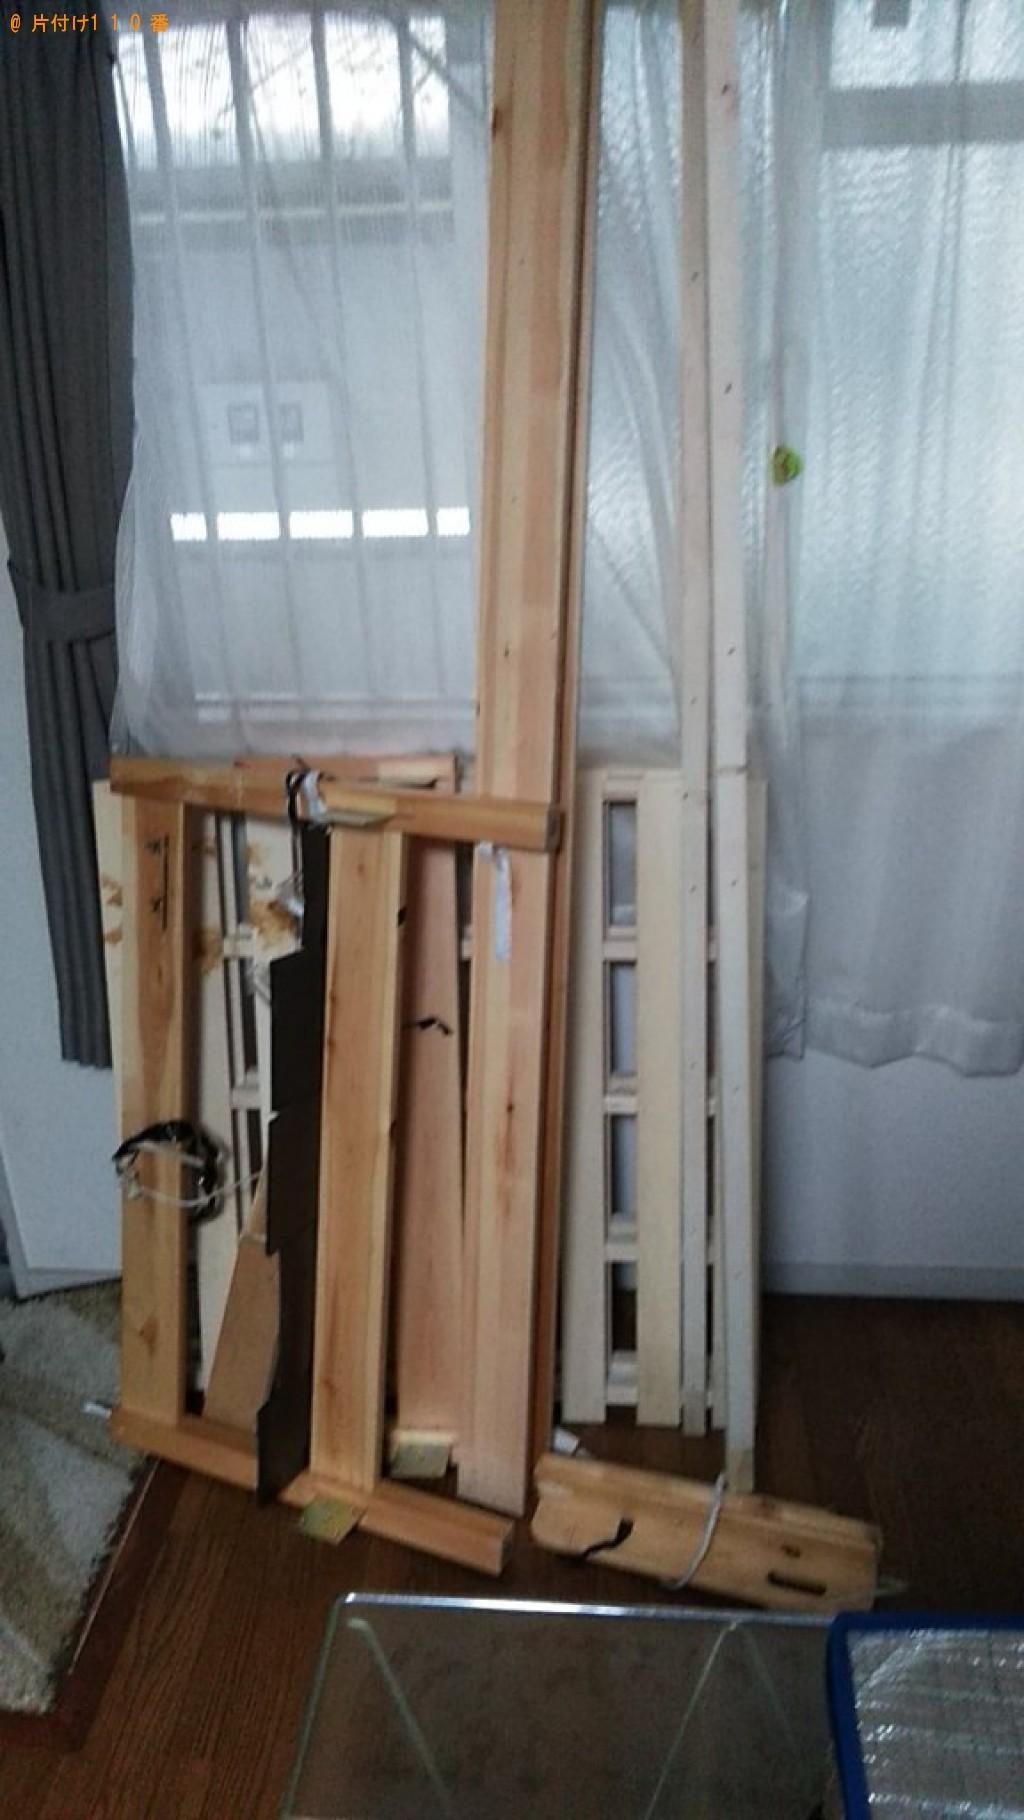 【松山市】シングルベッド(マットレス付)の回収・処分ご依頼